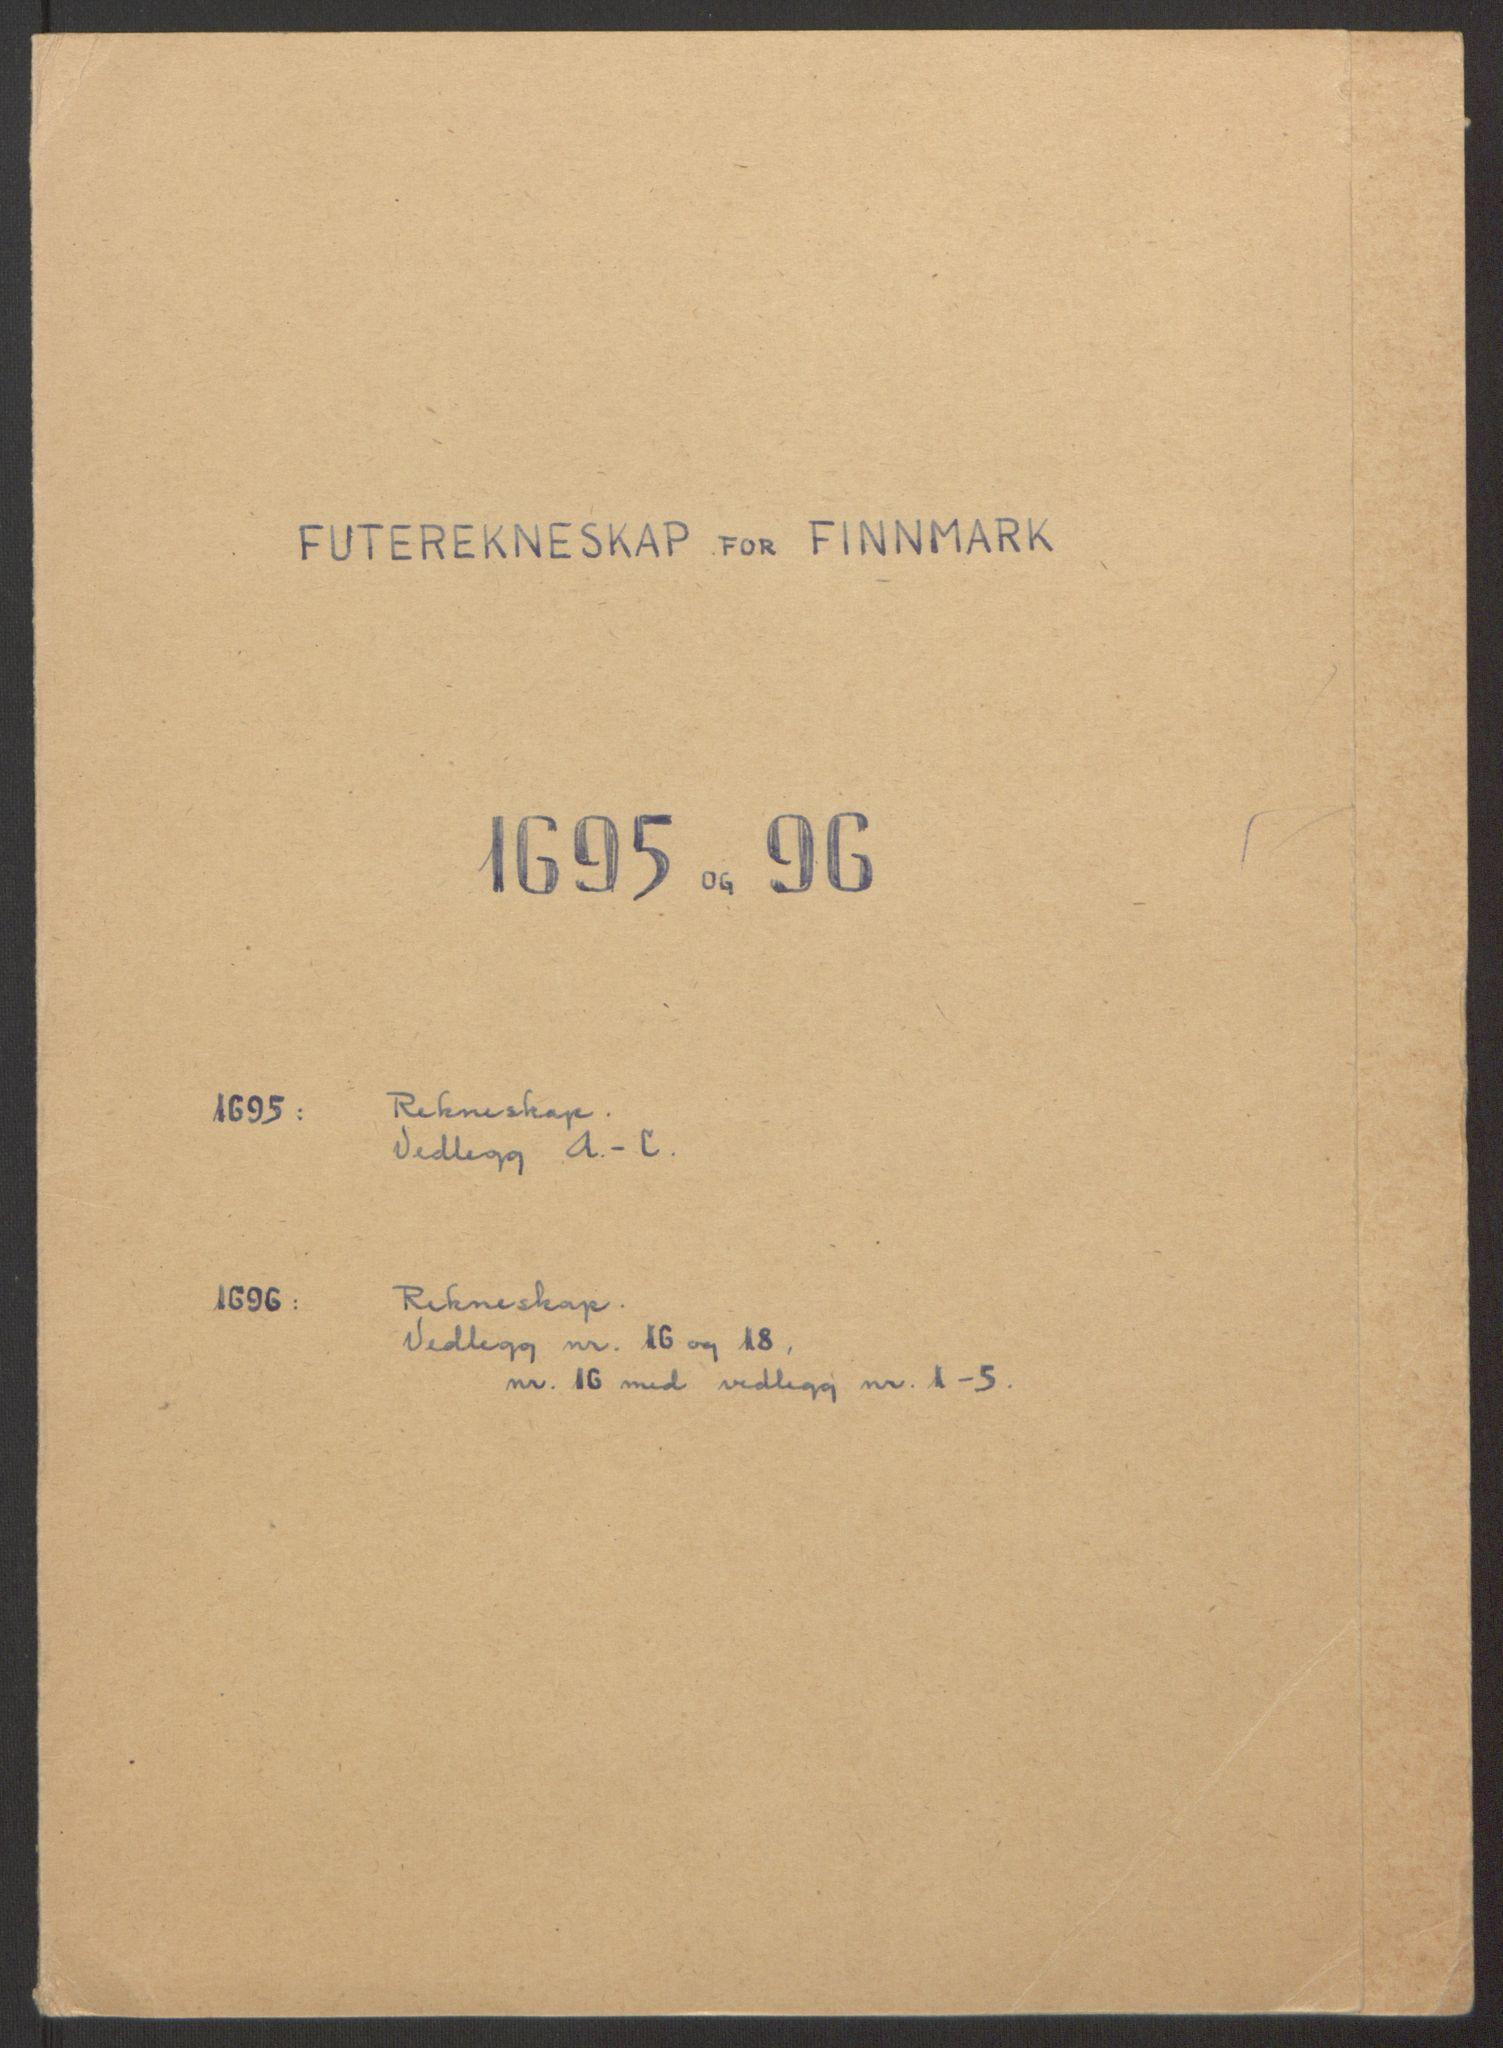 RA, Rentekammeret inntil 1814, Reviderte regnskaper, Fogderegnskap, R69/L4851: Fogderegnskap Finnmark/Vardøhus, 1691-1700, s. 228